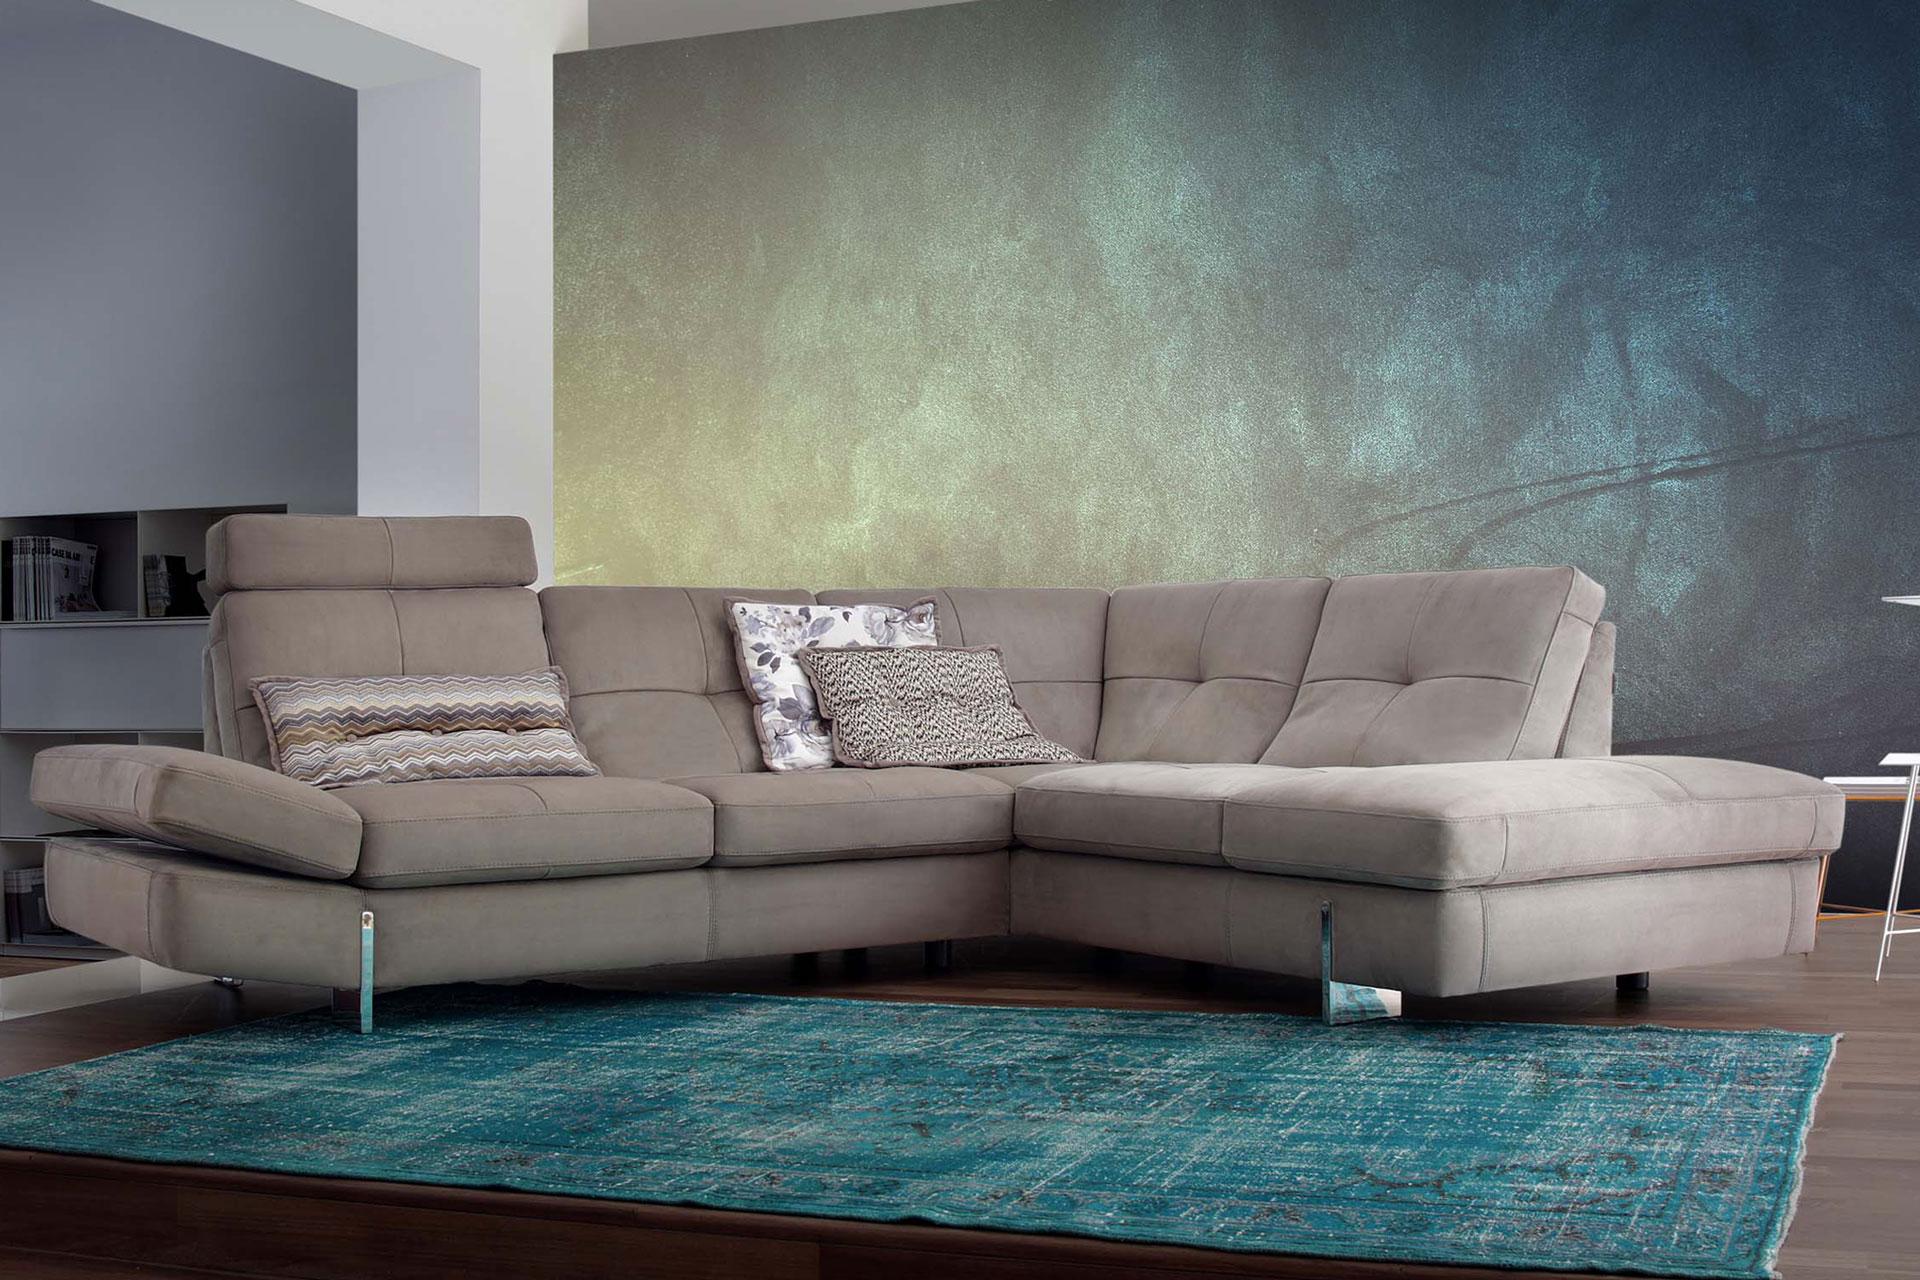 Calia arredamenti amazing divani calia rivenditore modena for Bertoli arredamenti modena